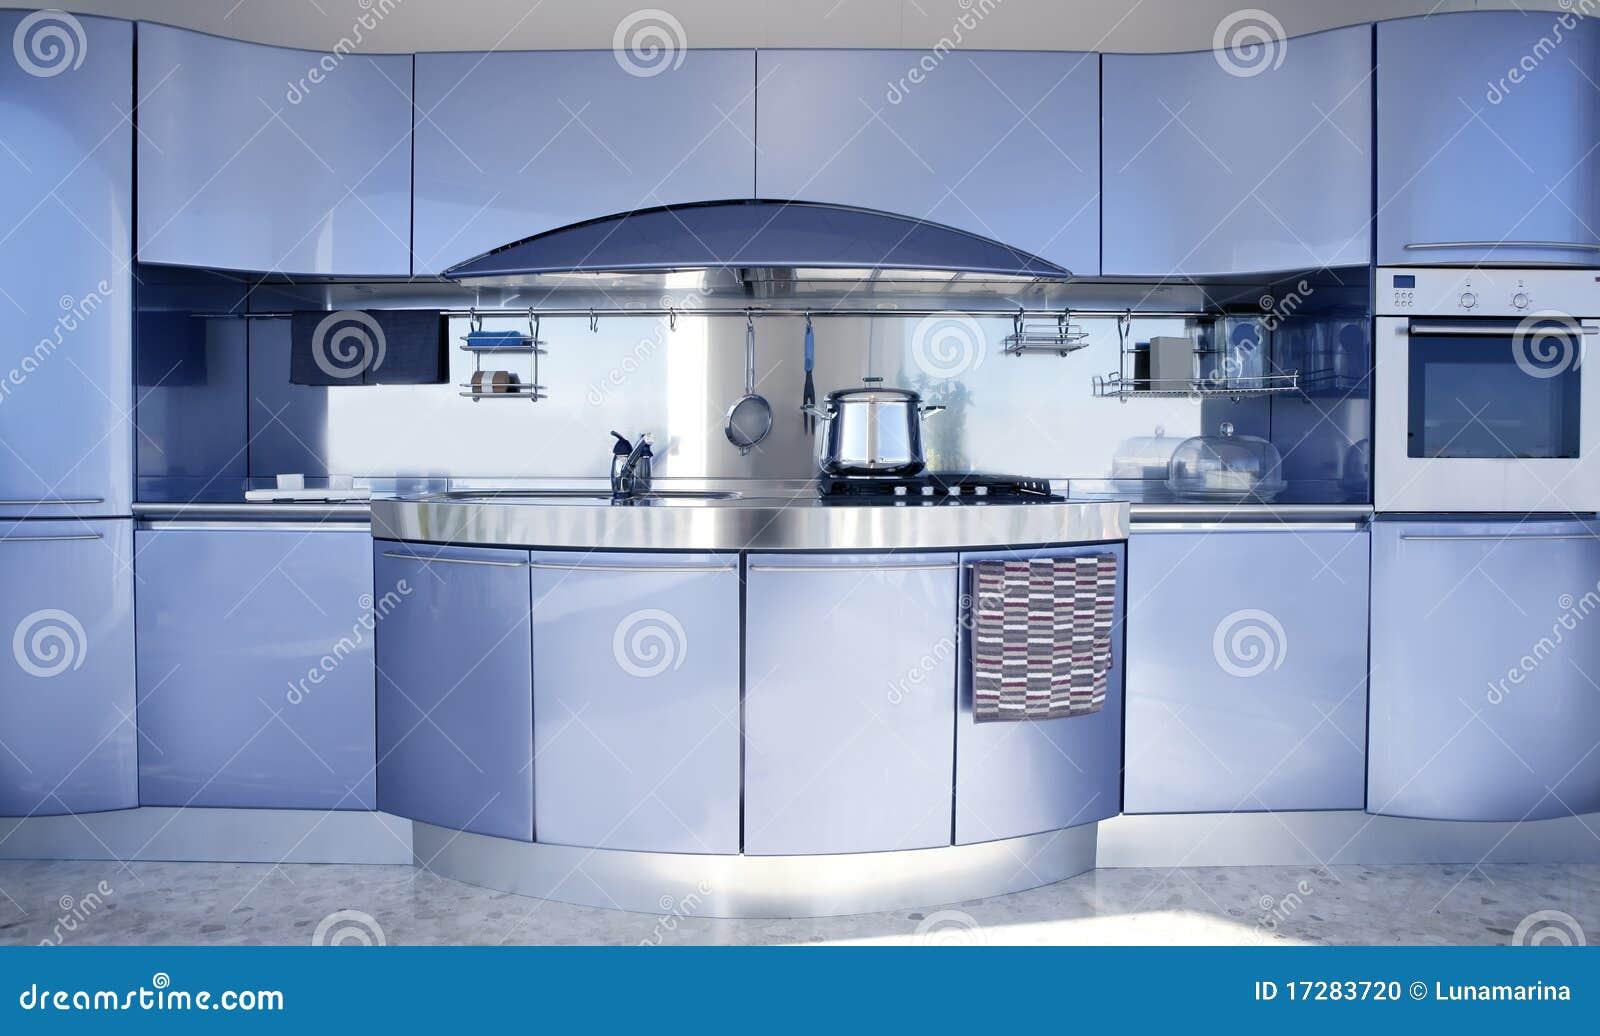 Foto de Stock: Decoração moderna da arquitetura da cozinha de prata  #82A12A 1300 859